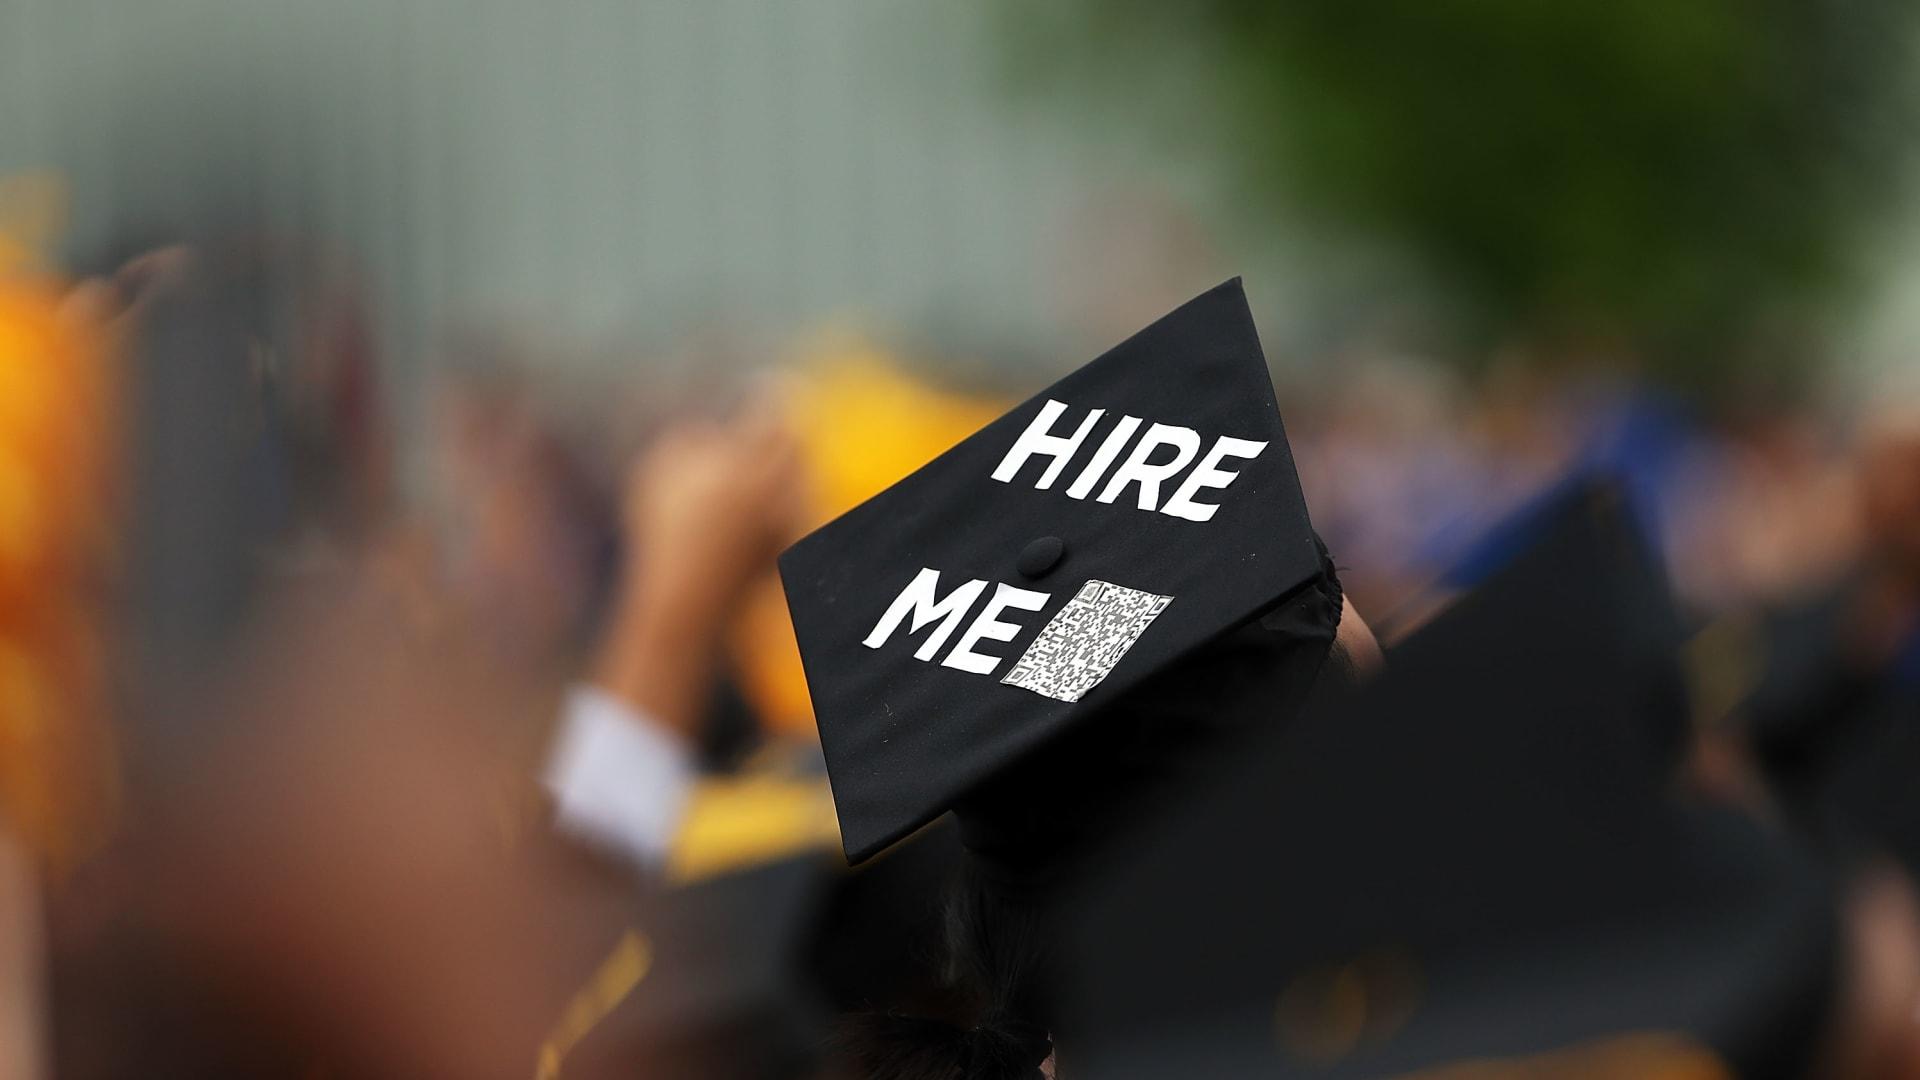 ما هي أكثر القطاعات توظيفًا للخريجين الجُدُد في الإمارات؟